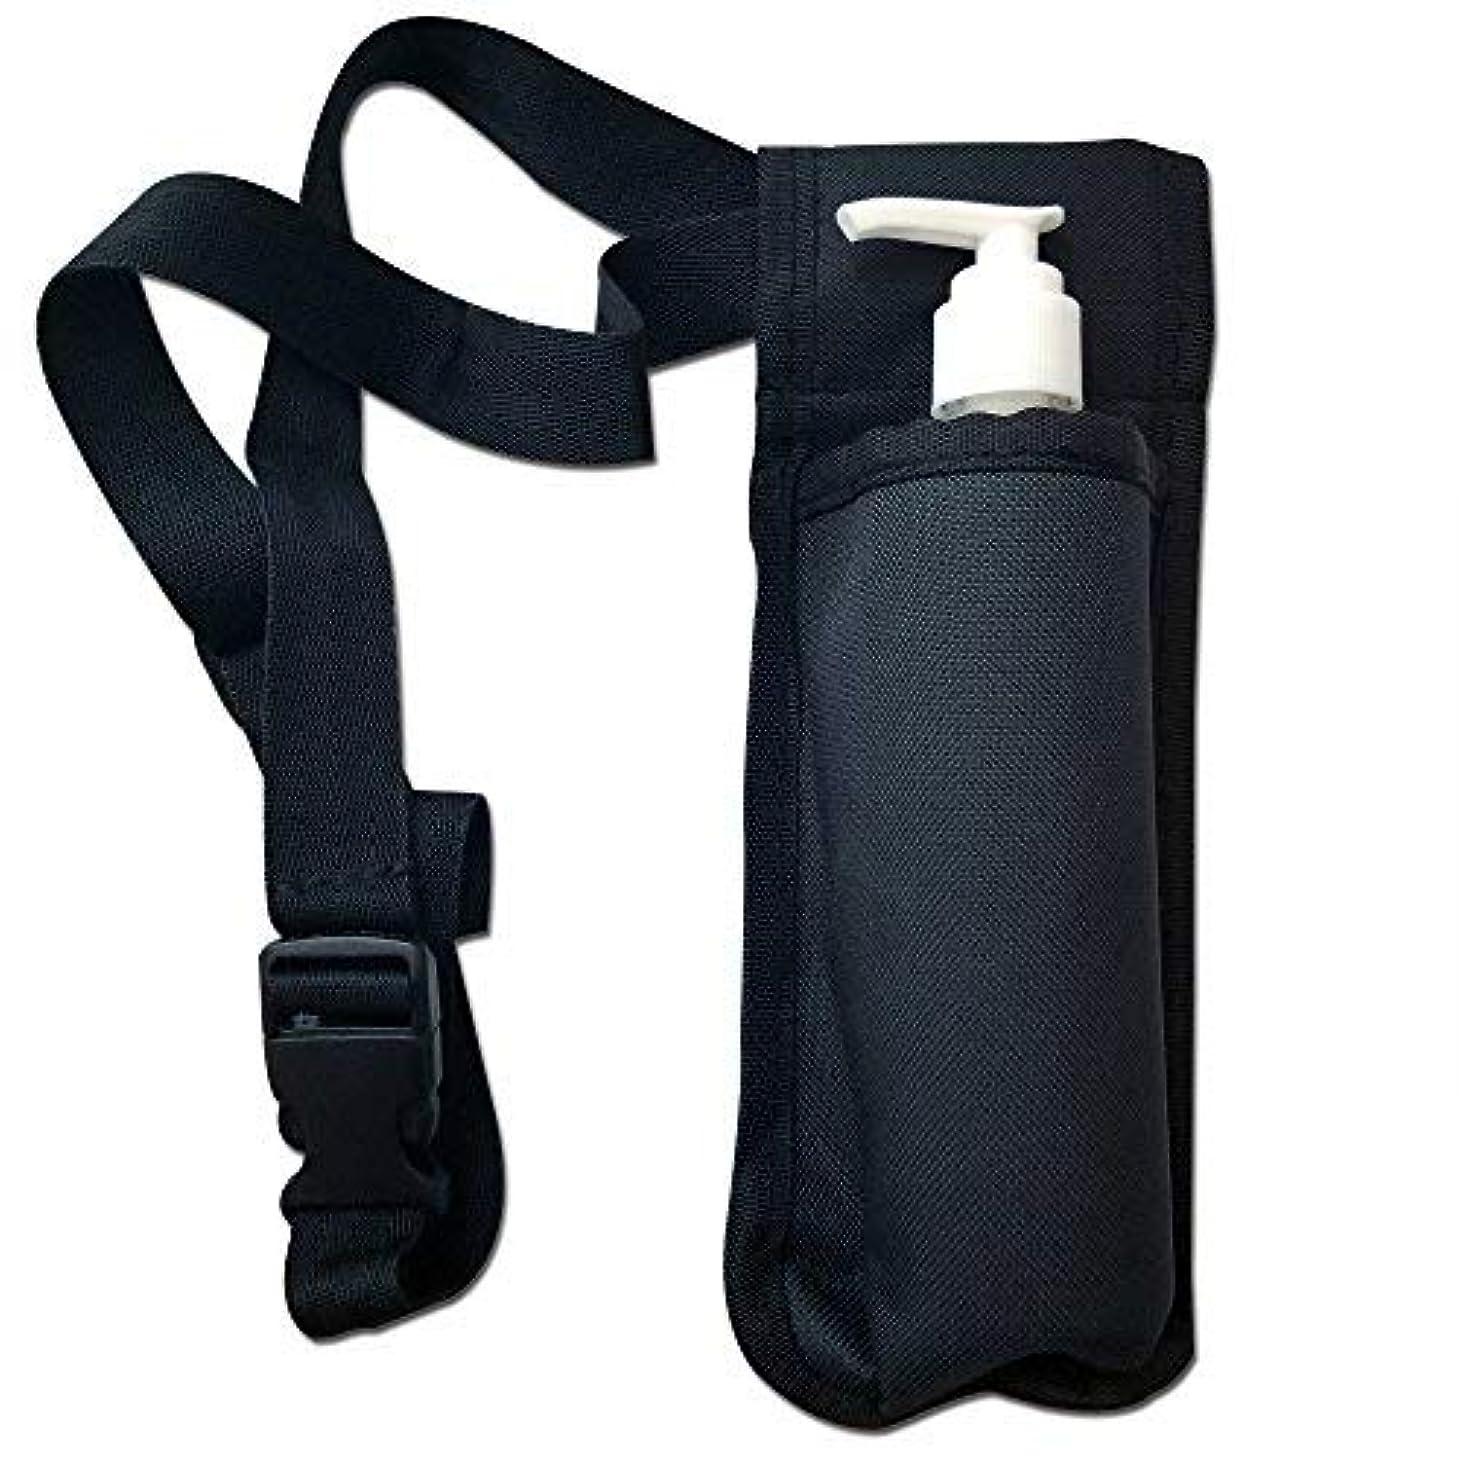 サスティーン子象TOA Single Bottle Holster Adjustable Strap w/ 6oz Bottle for Massage Oil, Lotion, Cream [並行輸入品]